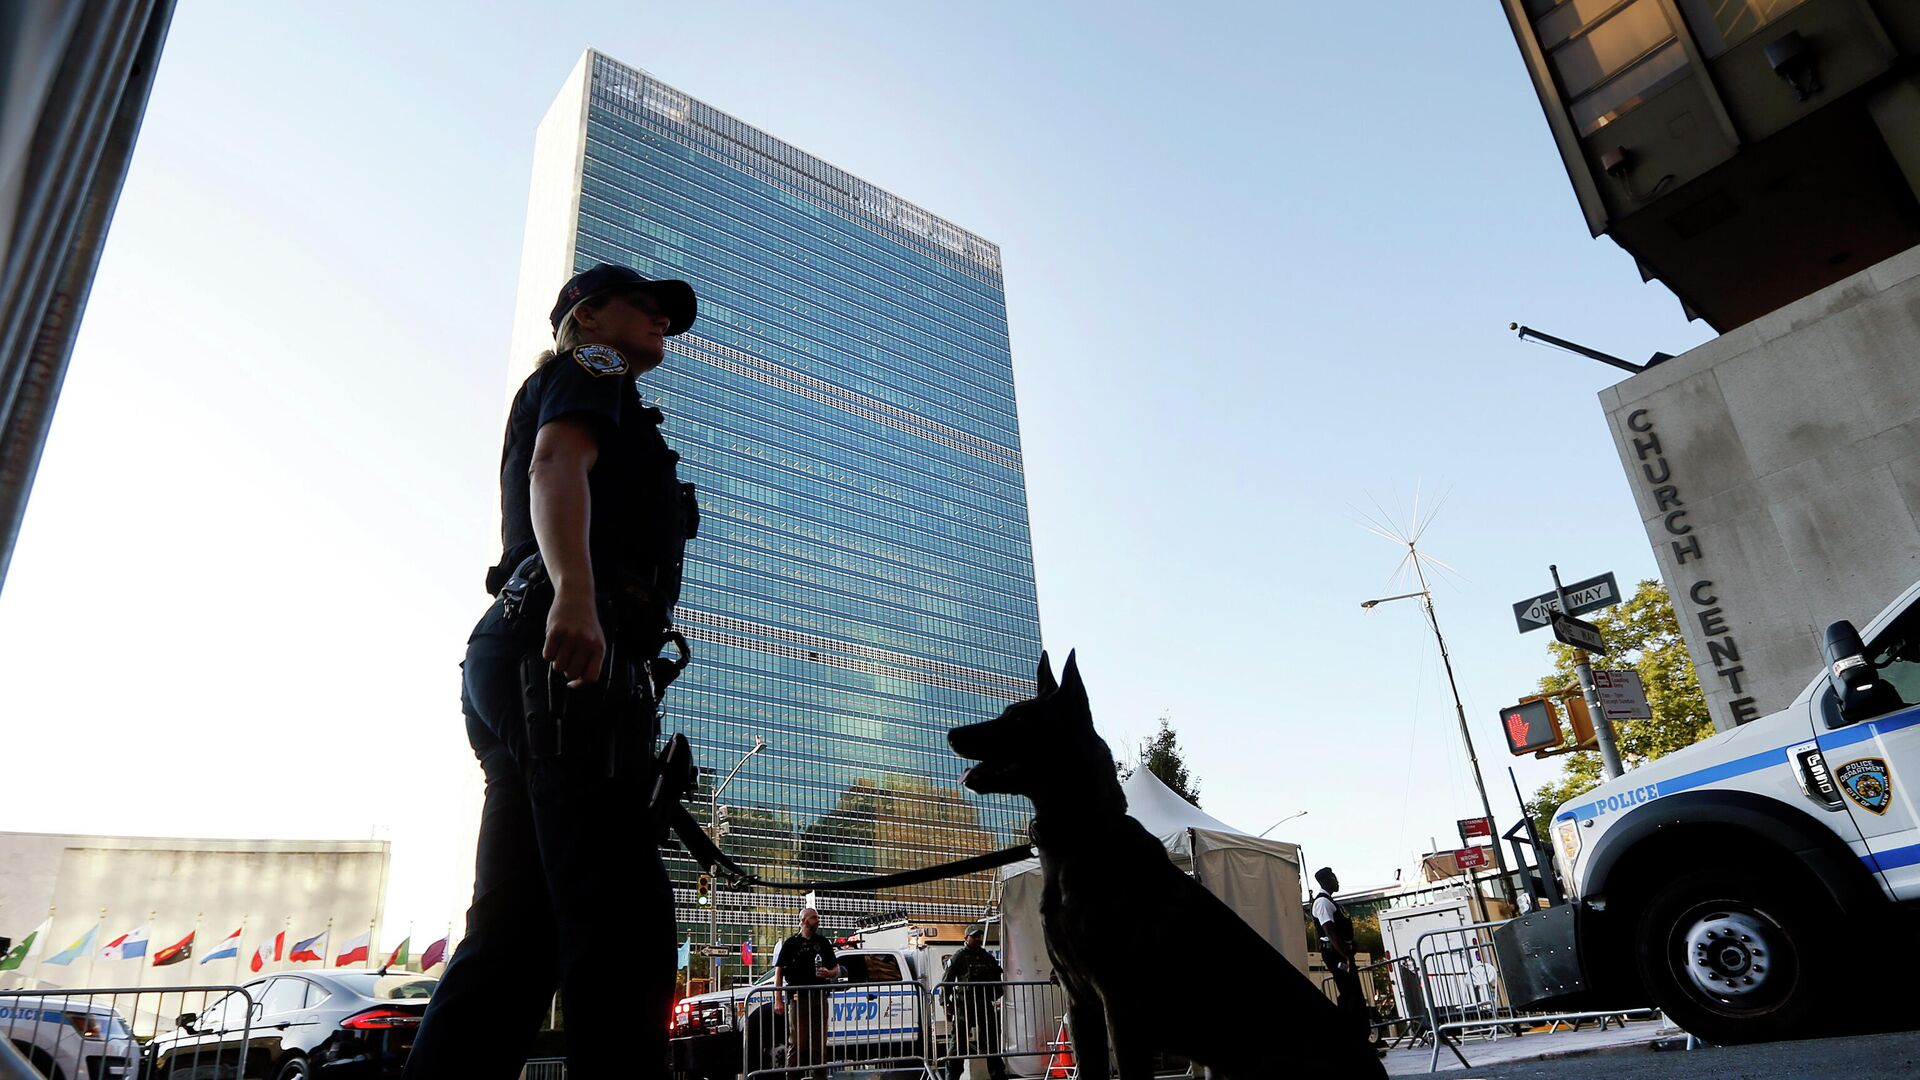 Контрольно-пропускной пункт безопасности у штаб-квартиры Организации Объединенных Наций в Нью-Йорке во время проведения Генеральной Ассамблеи - РИА Новости, 1920, 27.07.2021